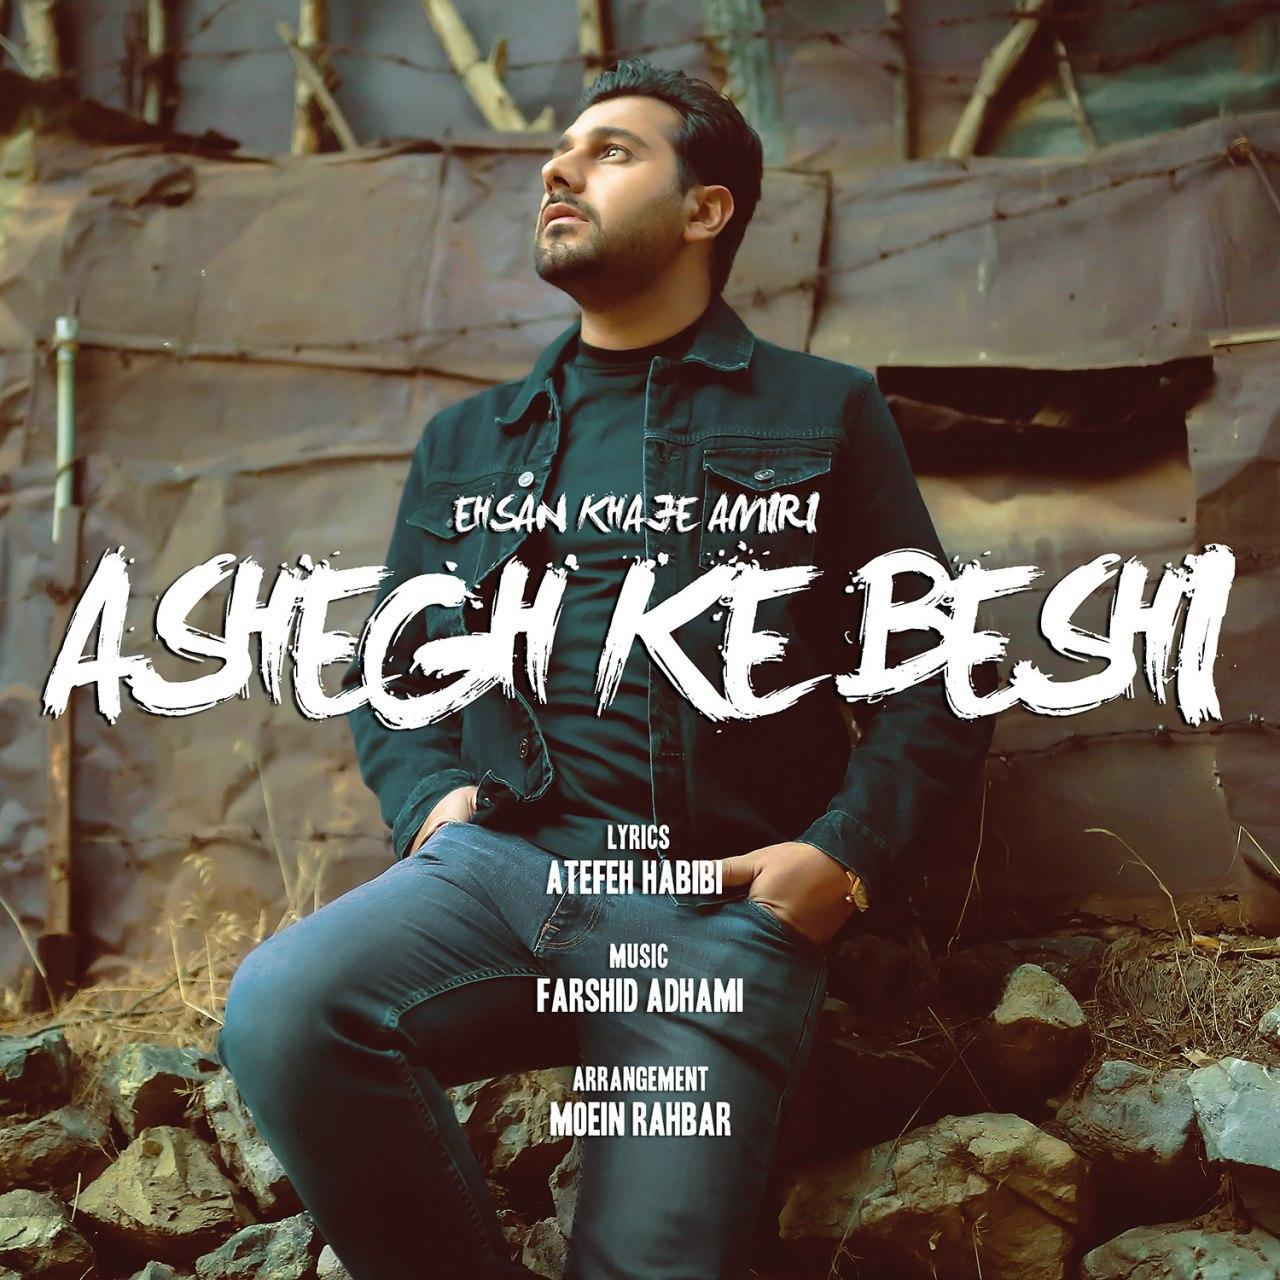 Ashegh Ke Beshi